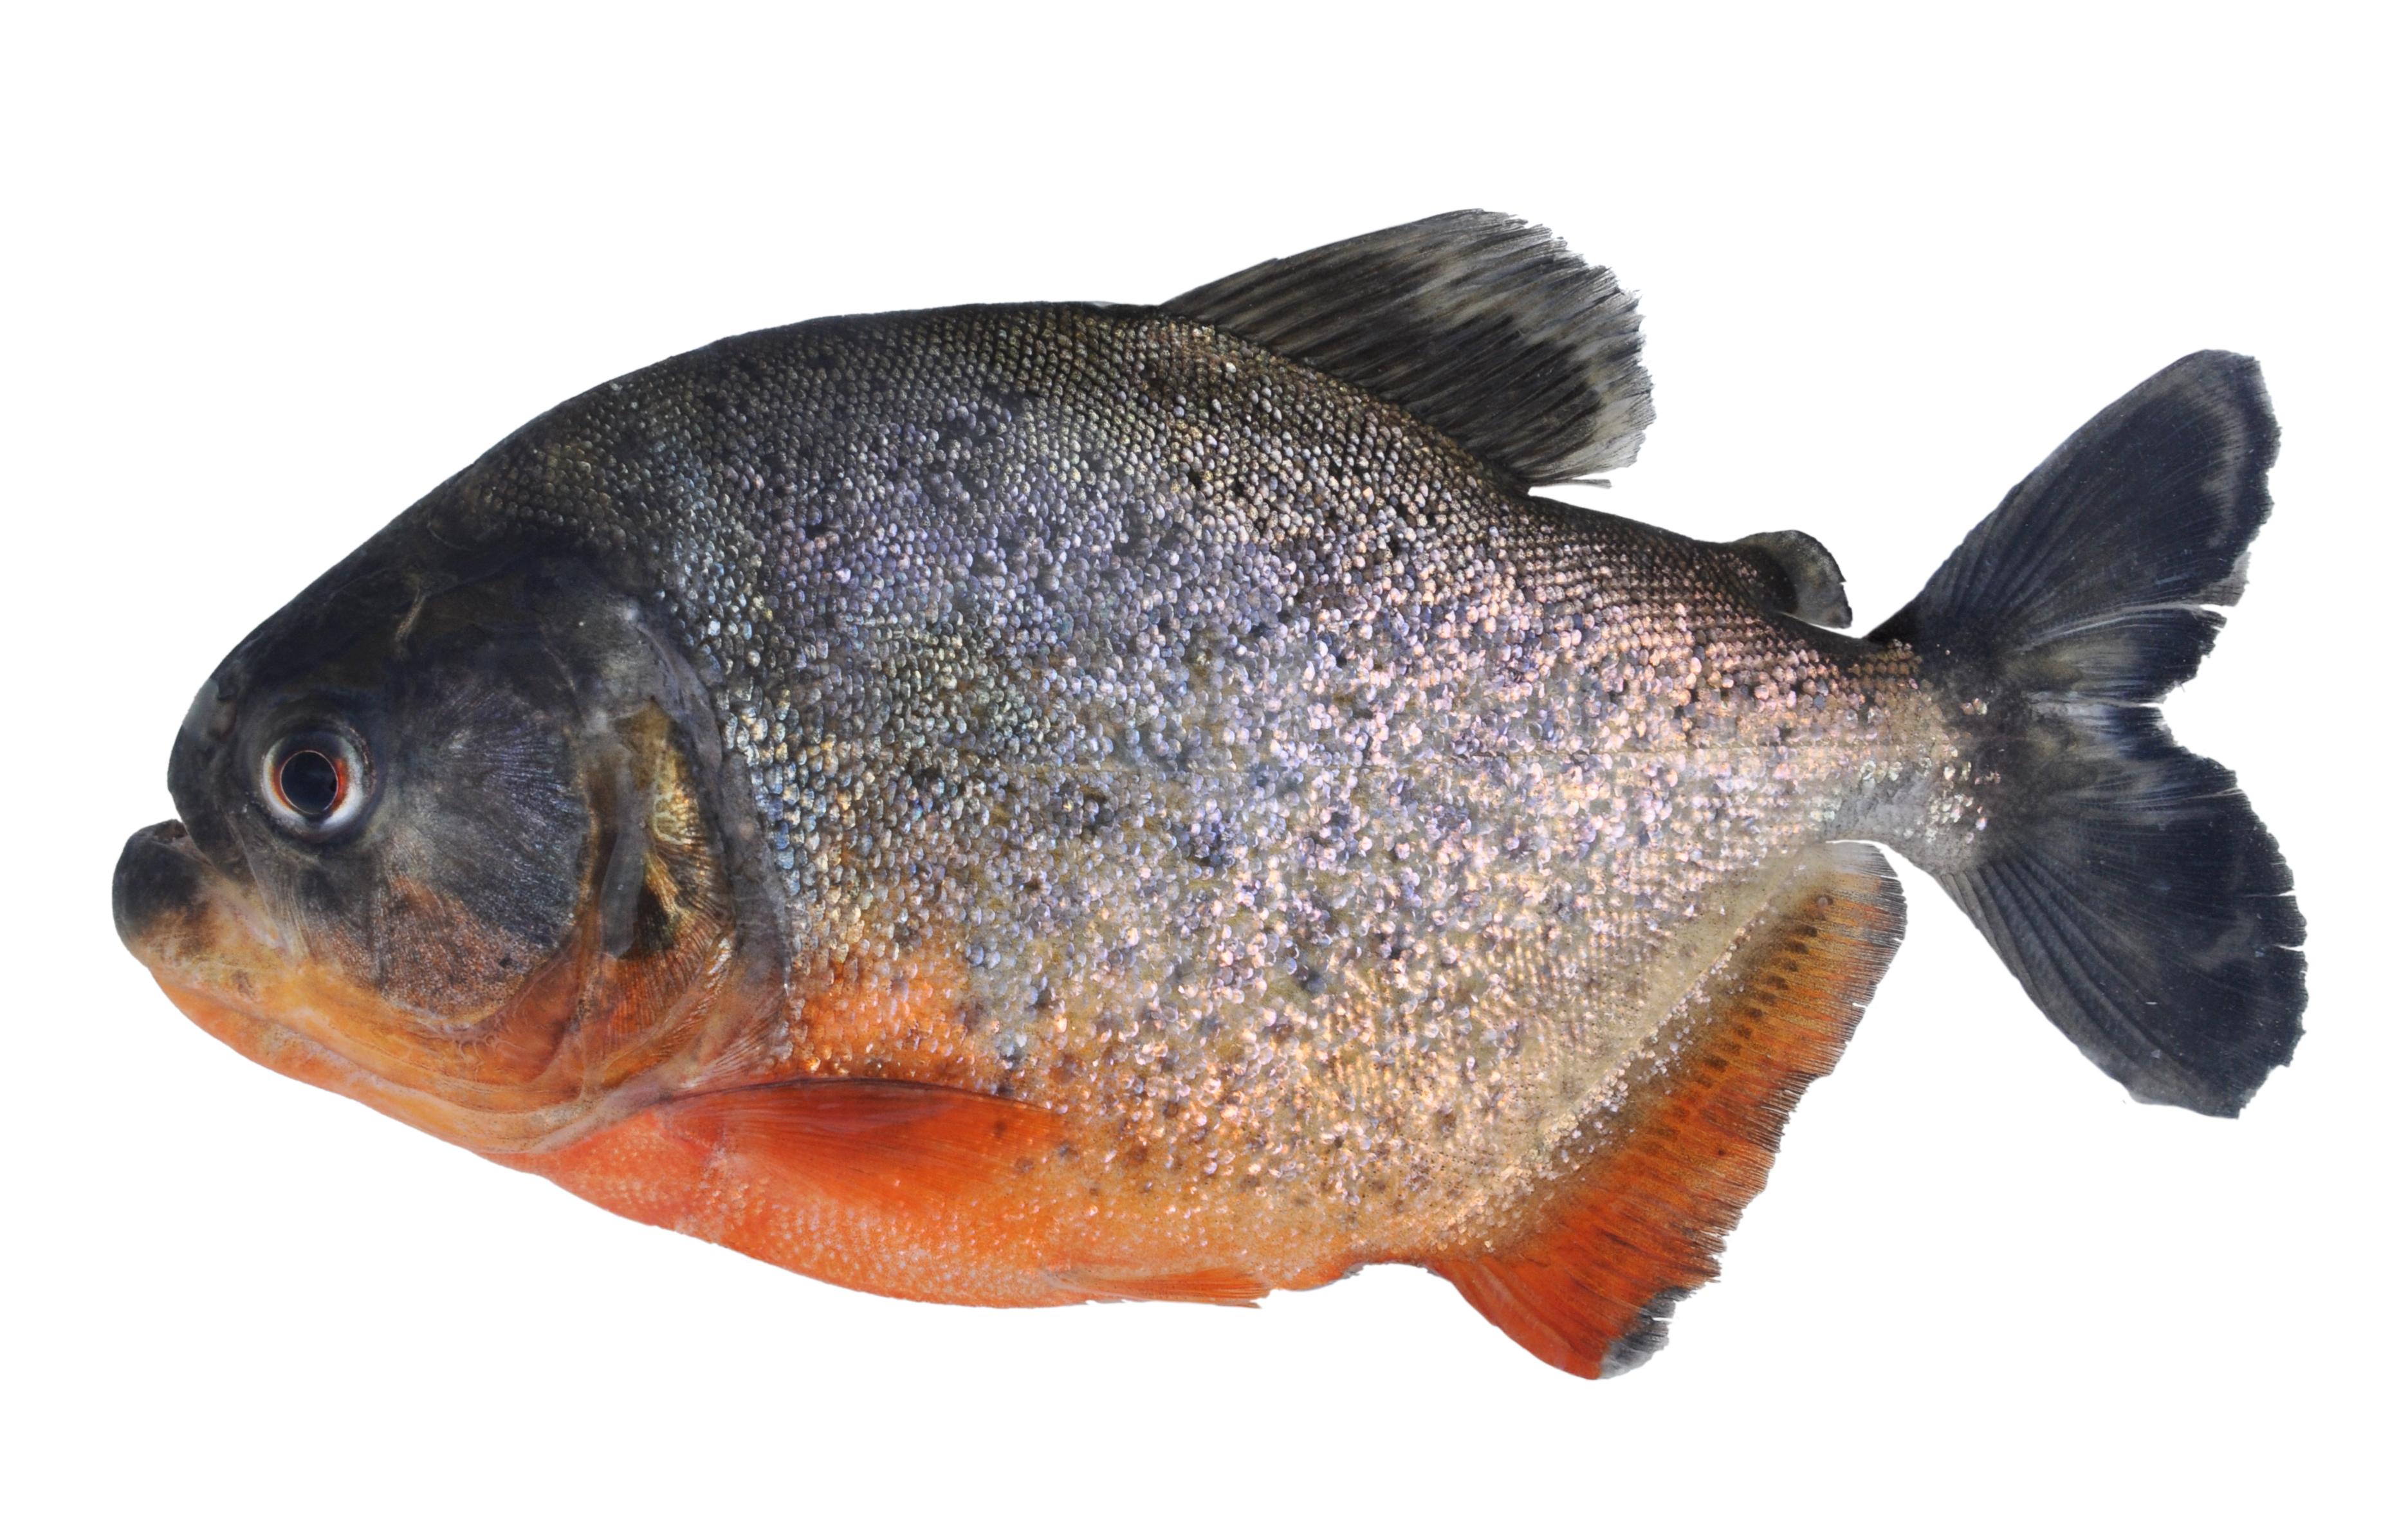 fish16_6_pygocentrus_nattereri_inpa_exp3-51